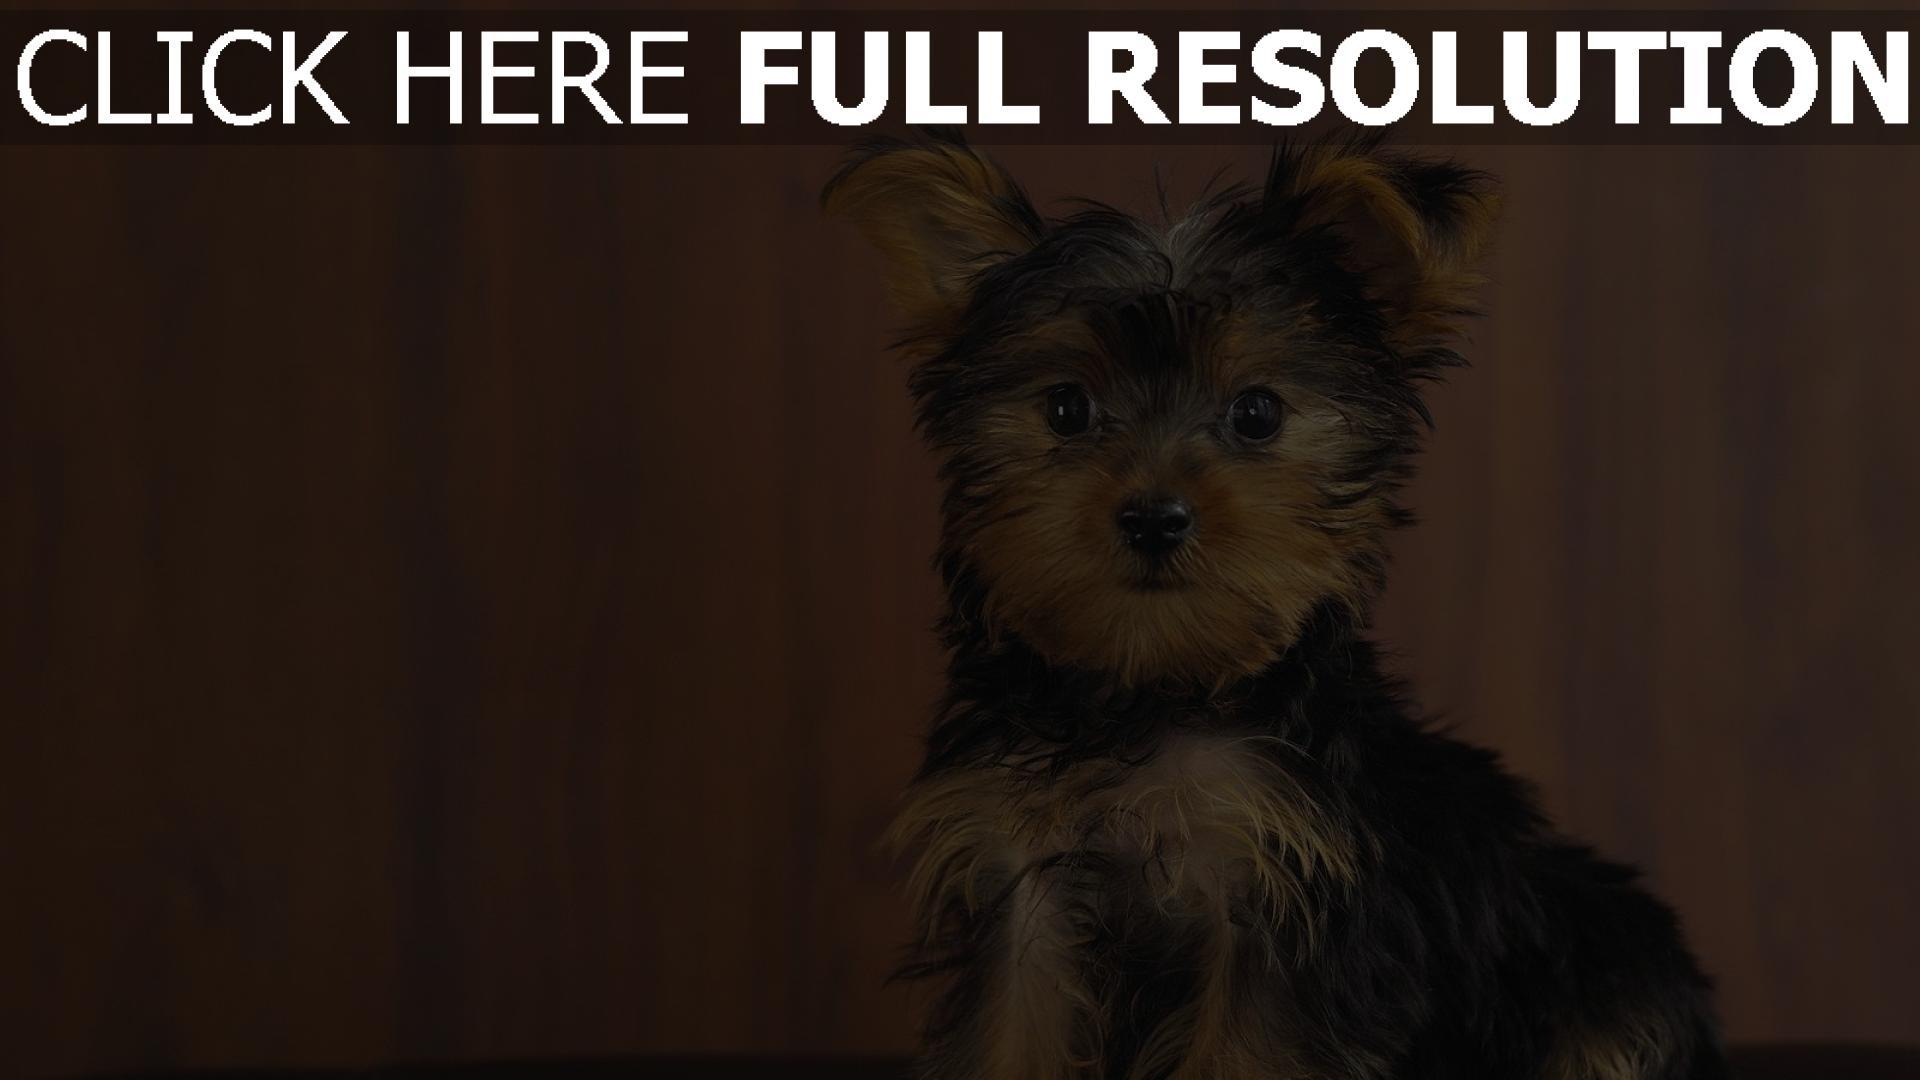 Fond d'écran HD yorkshire terrier mignon pensif, Images et Photos